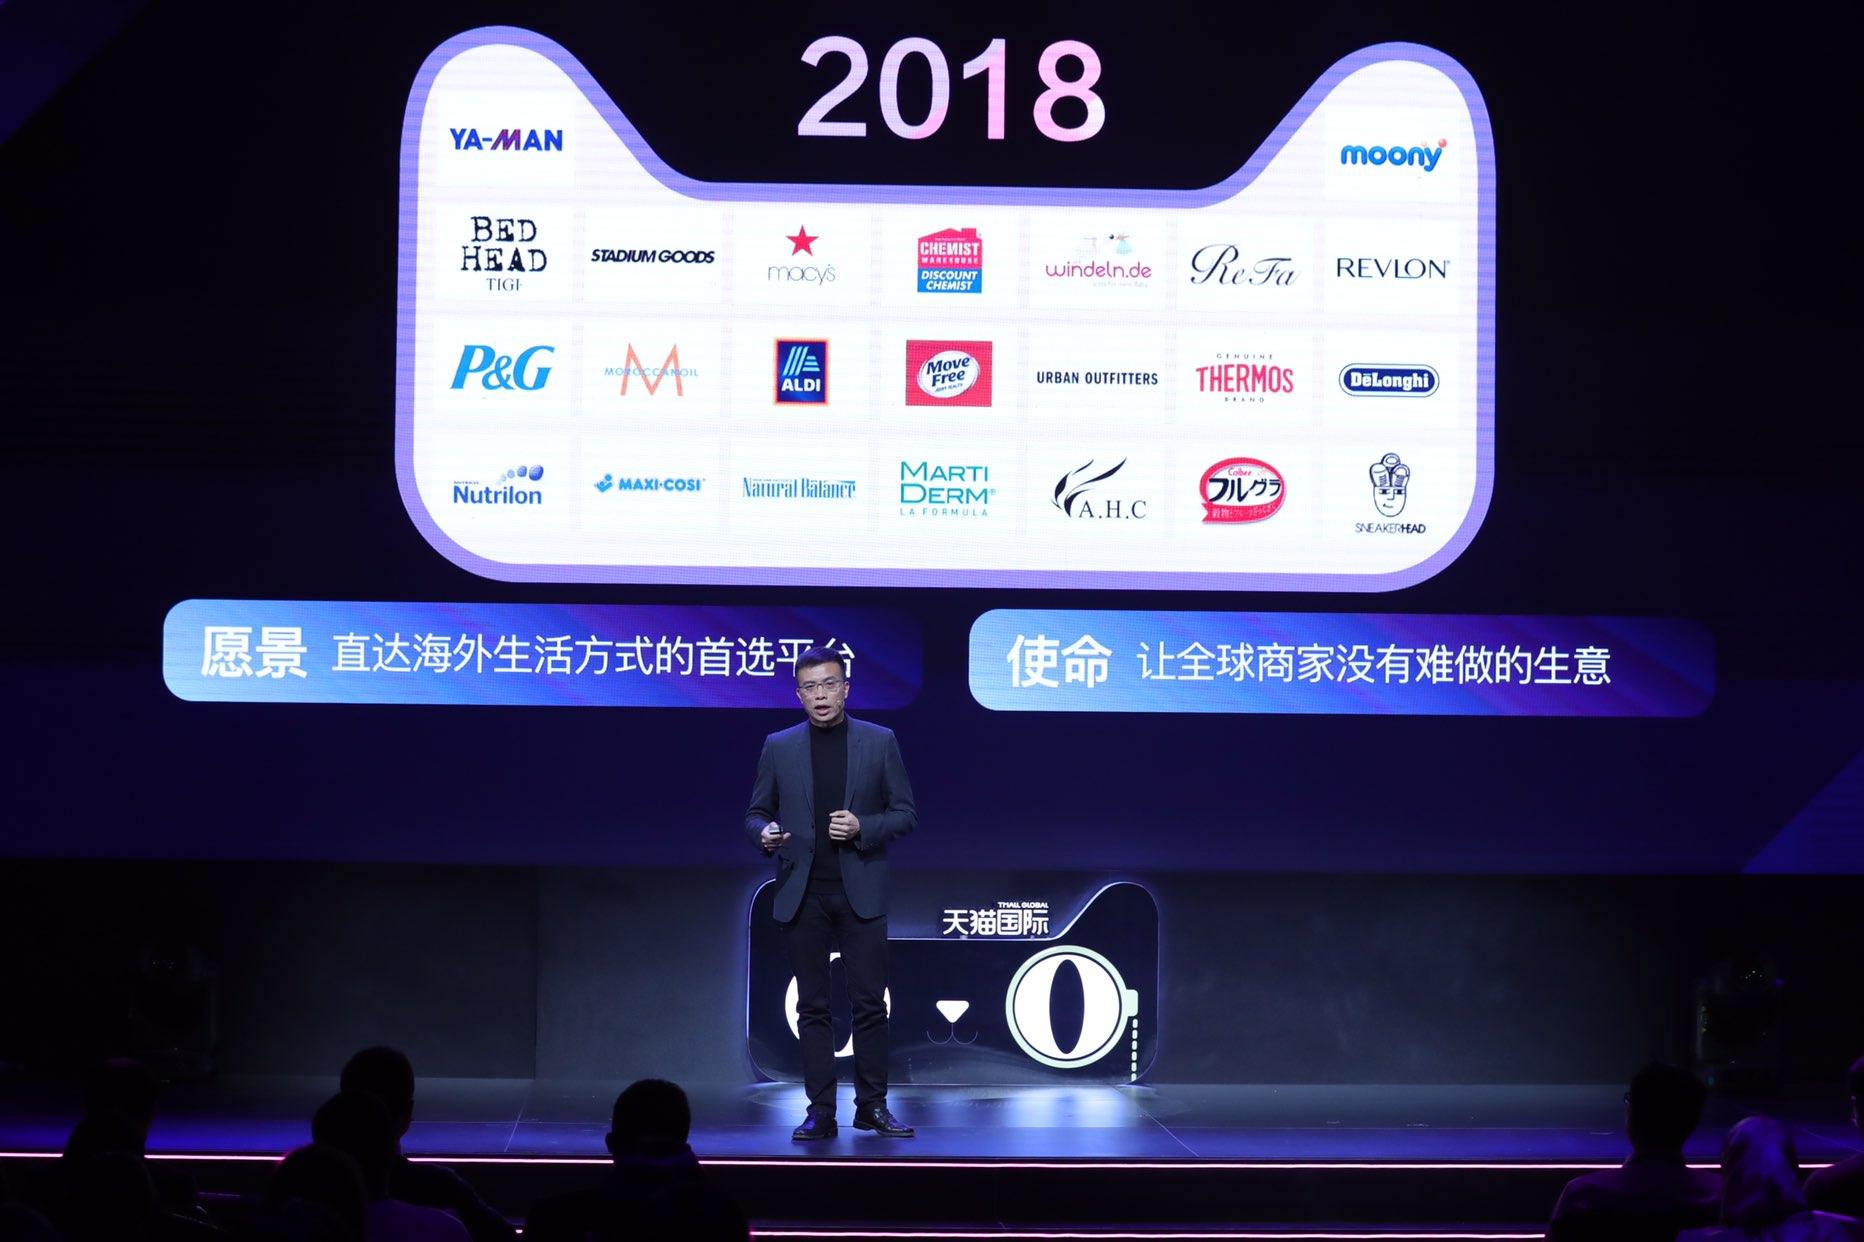 2月6日天猫2017年度进口消费论坛现场3